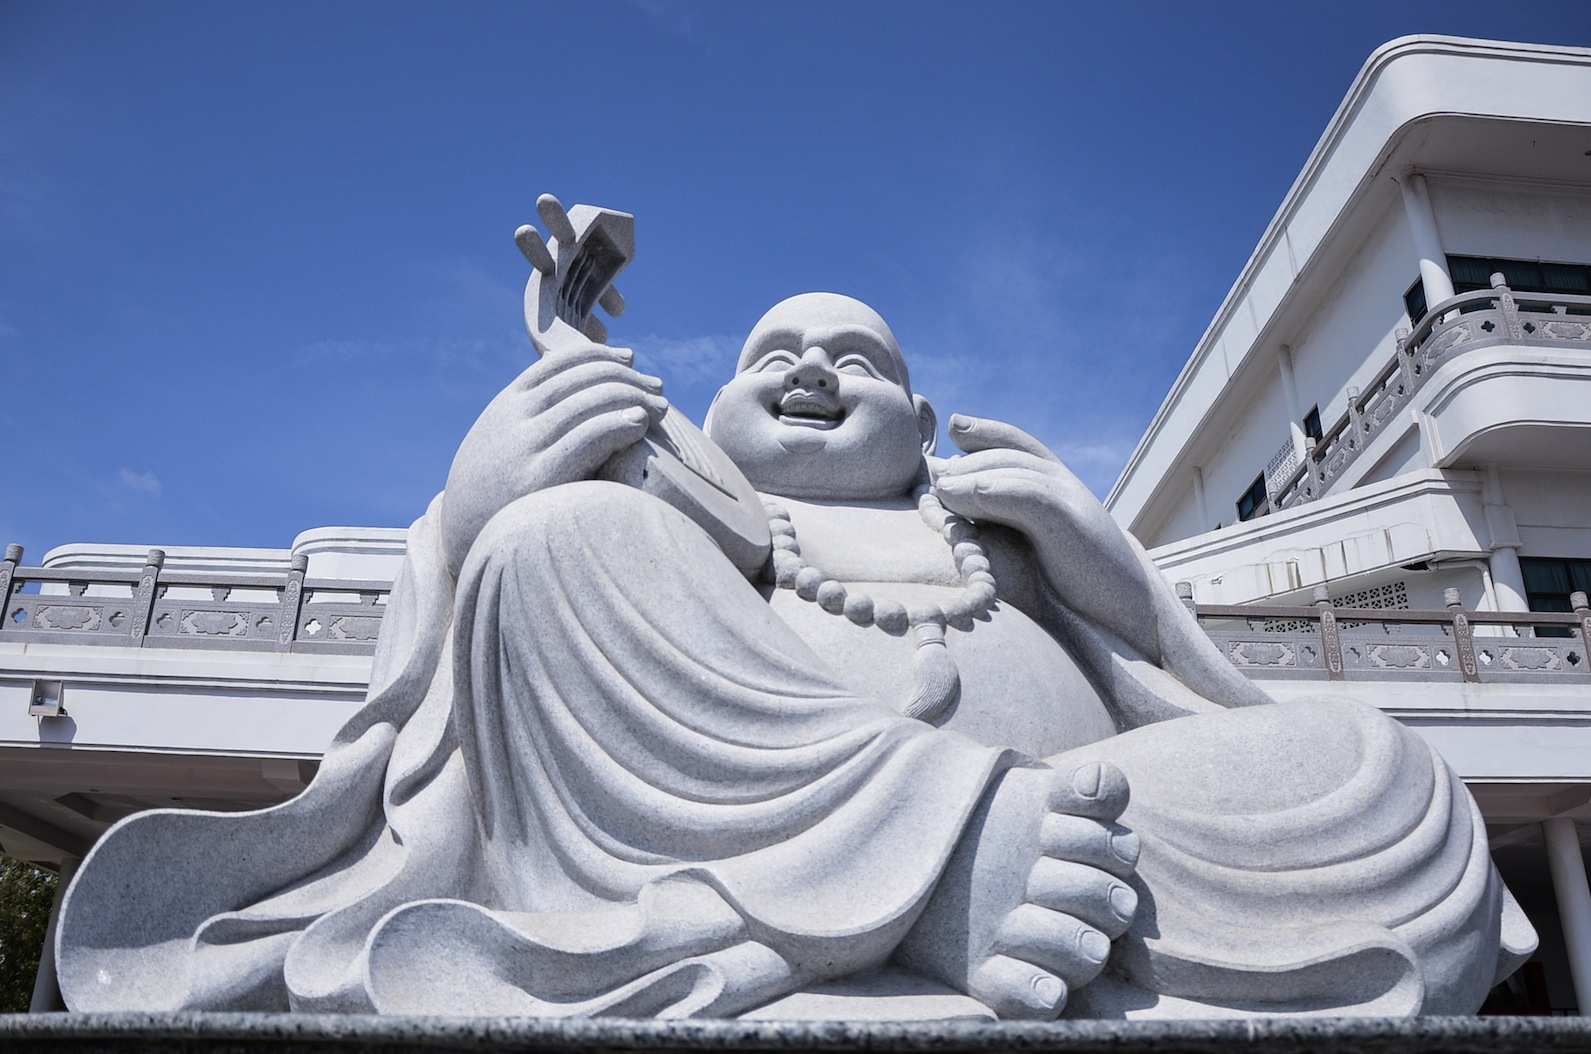 Buddha at Maha Vihara Duta Maitreya Temple